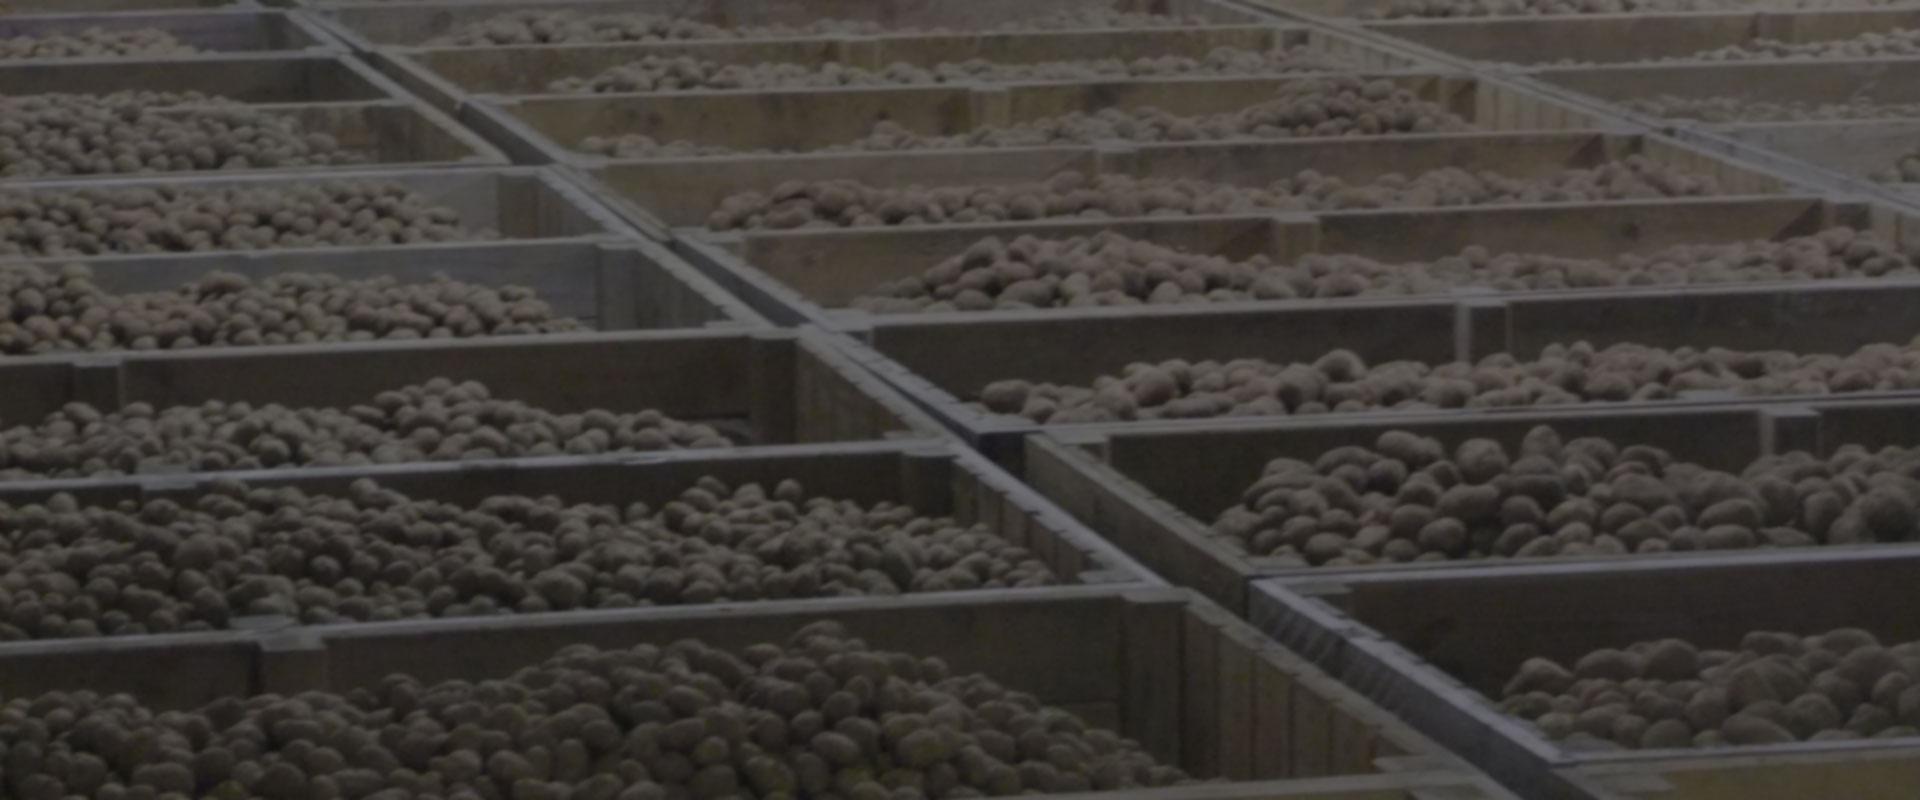 L'utilisation de pommes de terre transformées aux États-Unis à un niveau record – mars 2019